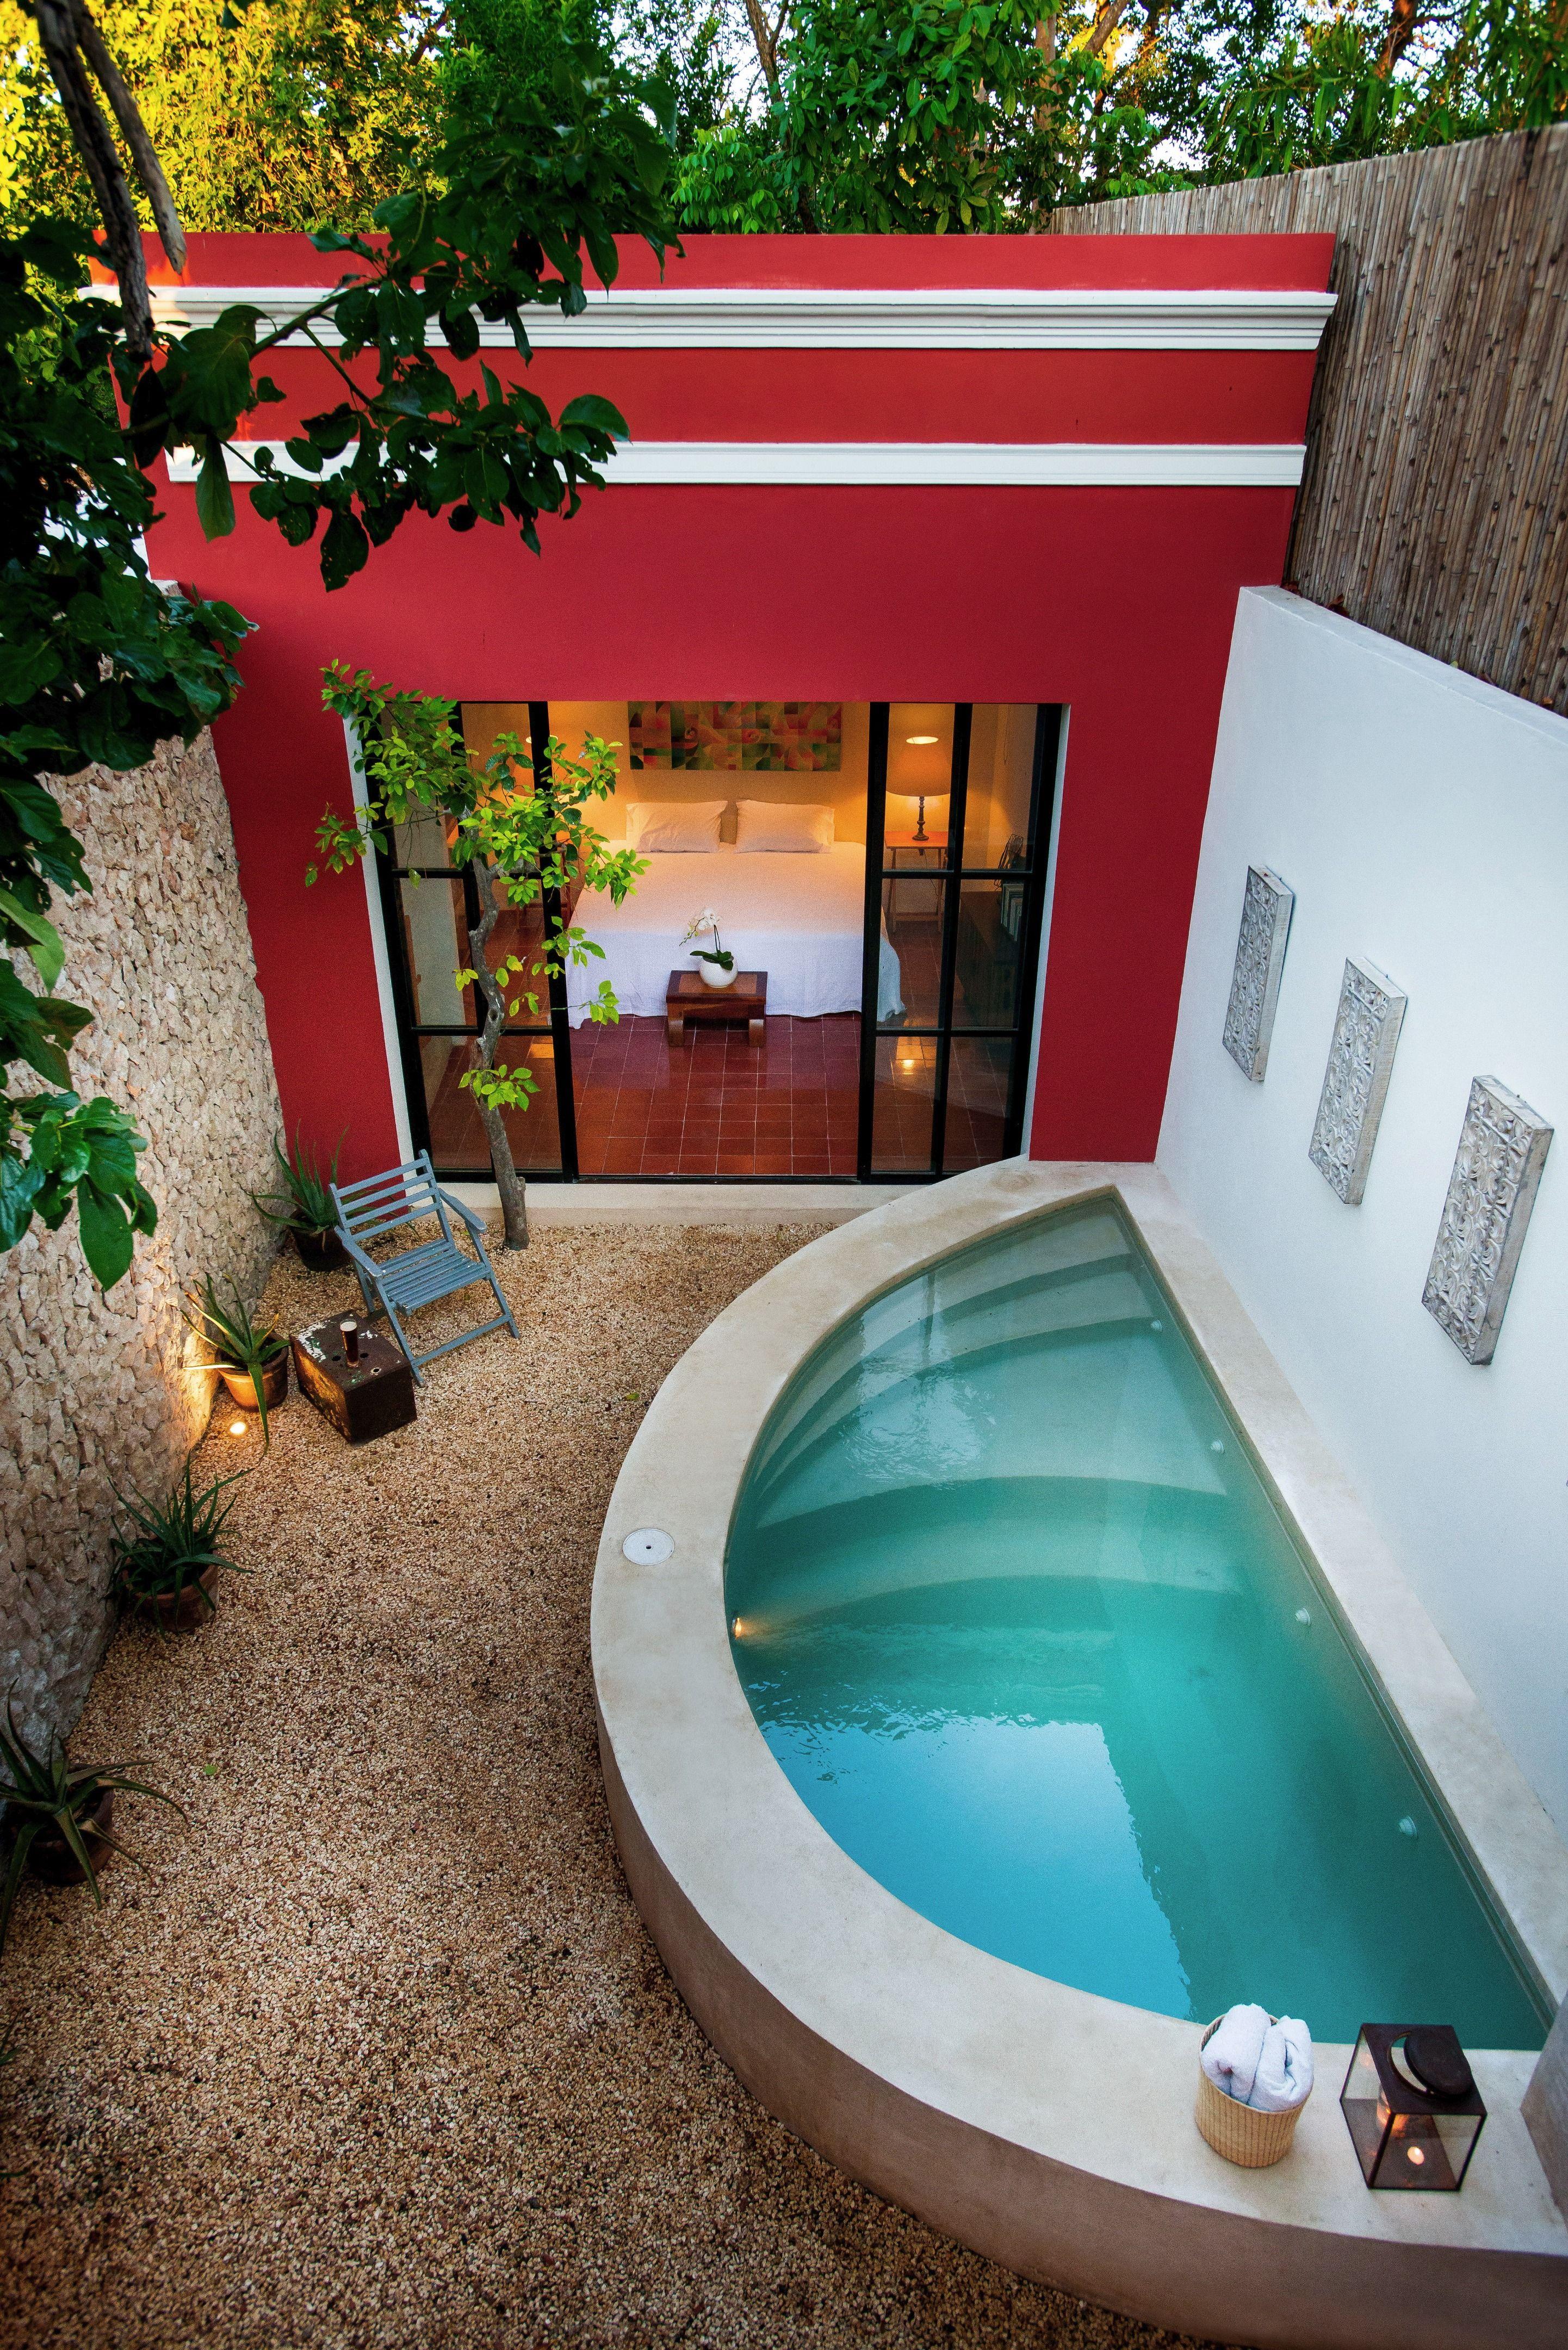 Mini Piscine Petit Jardin petites piscines : découvrez pourquoi elles sont si